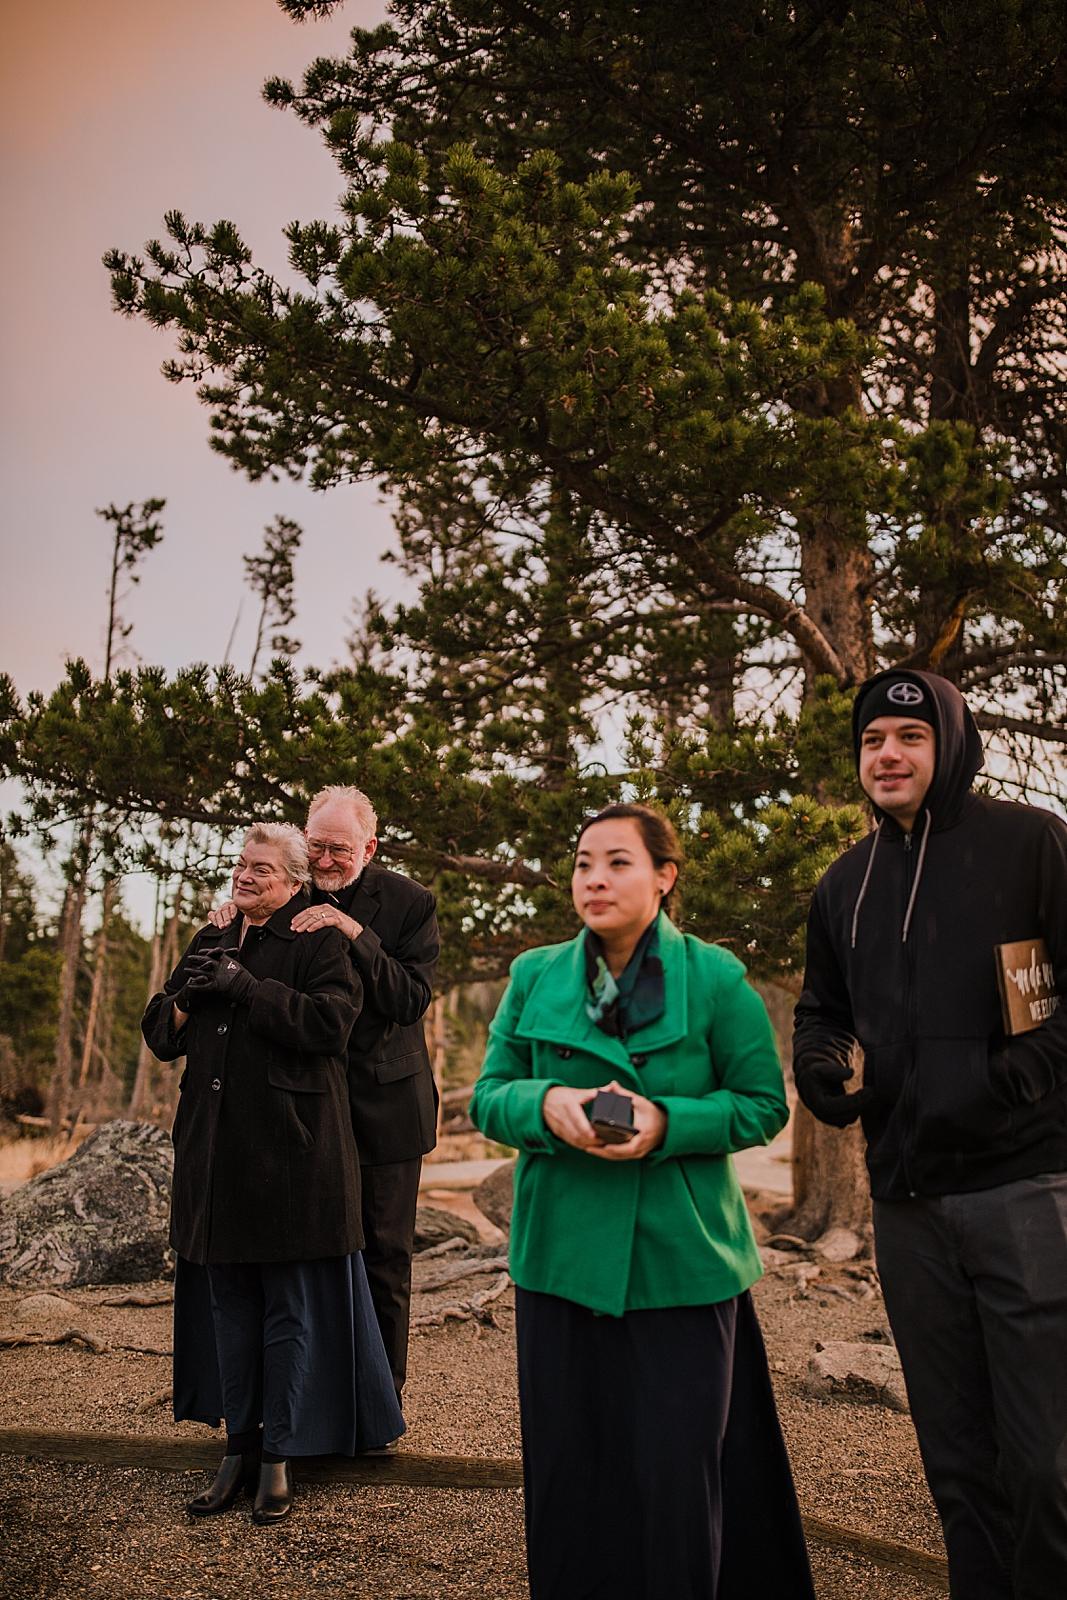 elopement guests, sunrise elopement, colorado elopement, sprague lake elopement, sprague lake wedding, rocky mountain national park elopement, adventurous colorado hiking elopement